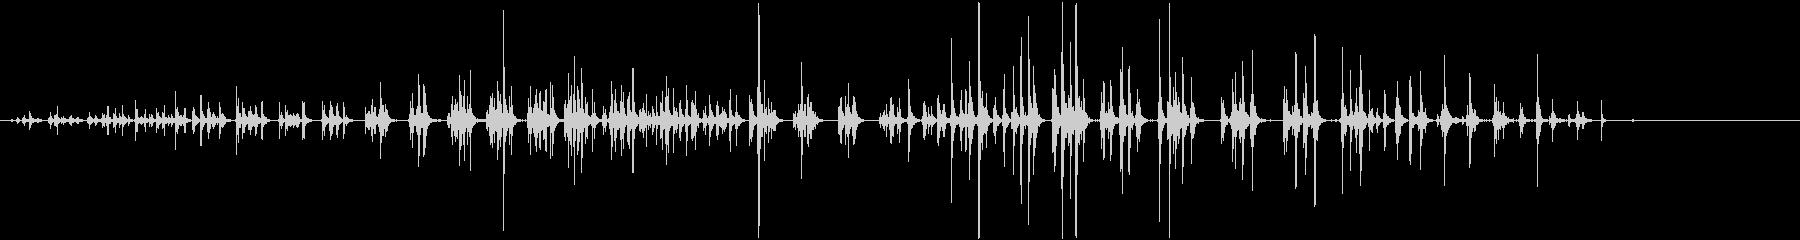 ウマ:ギャロップスインダート。の未再生の波形